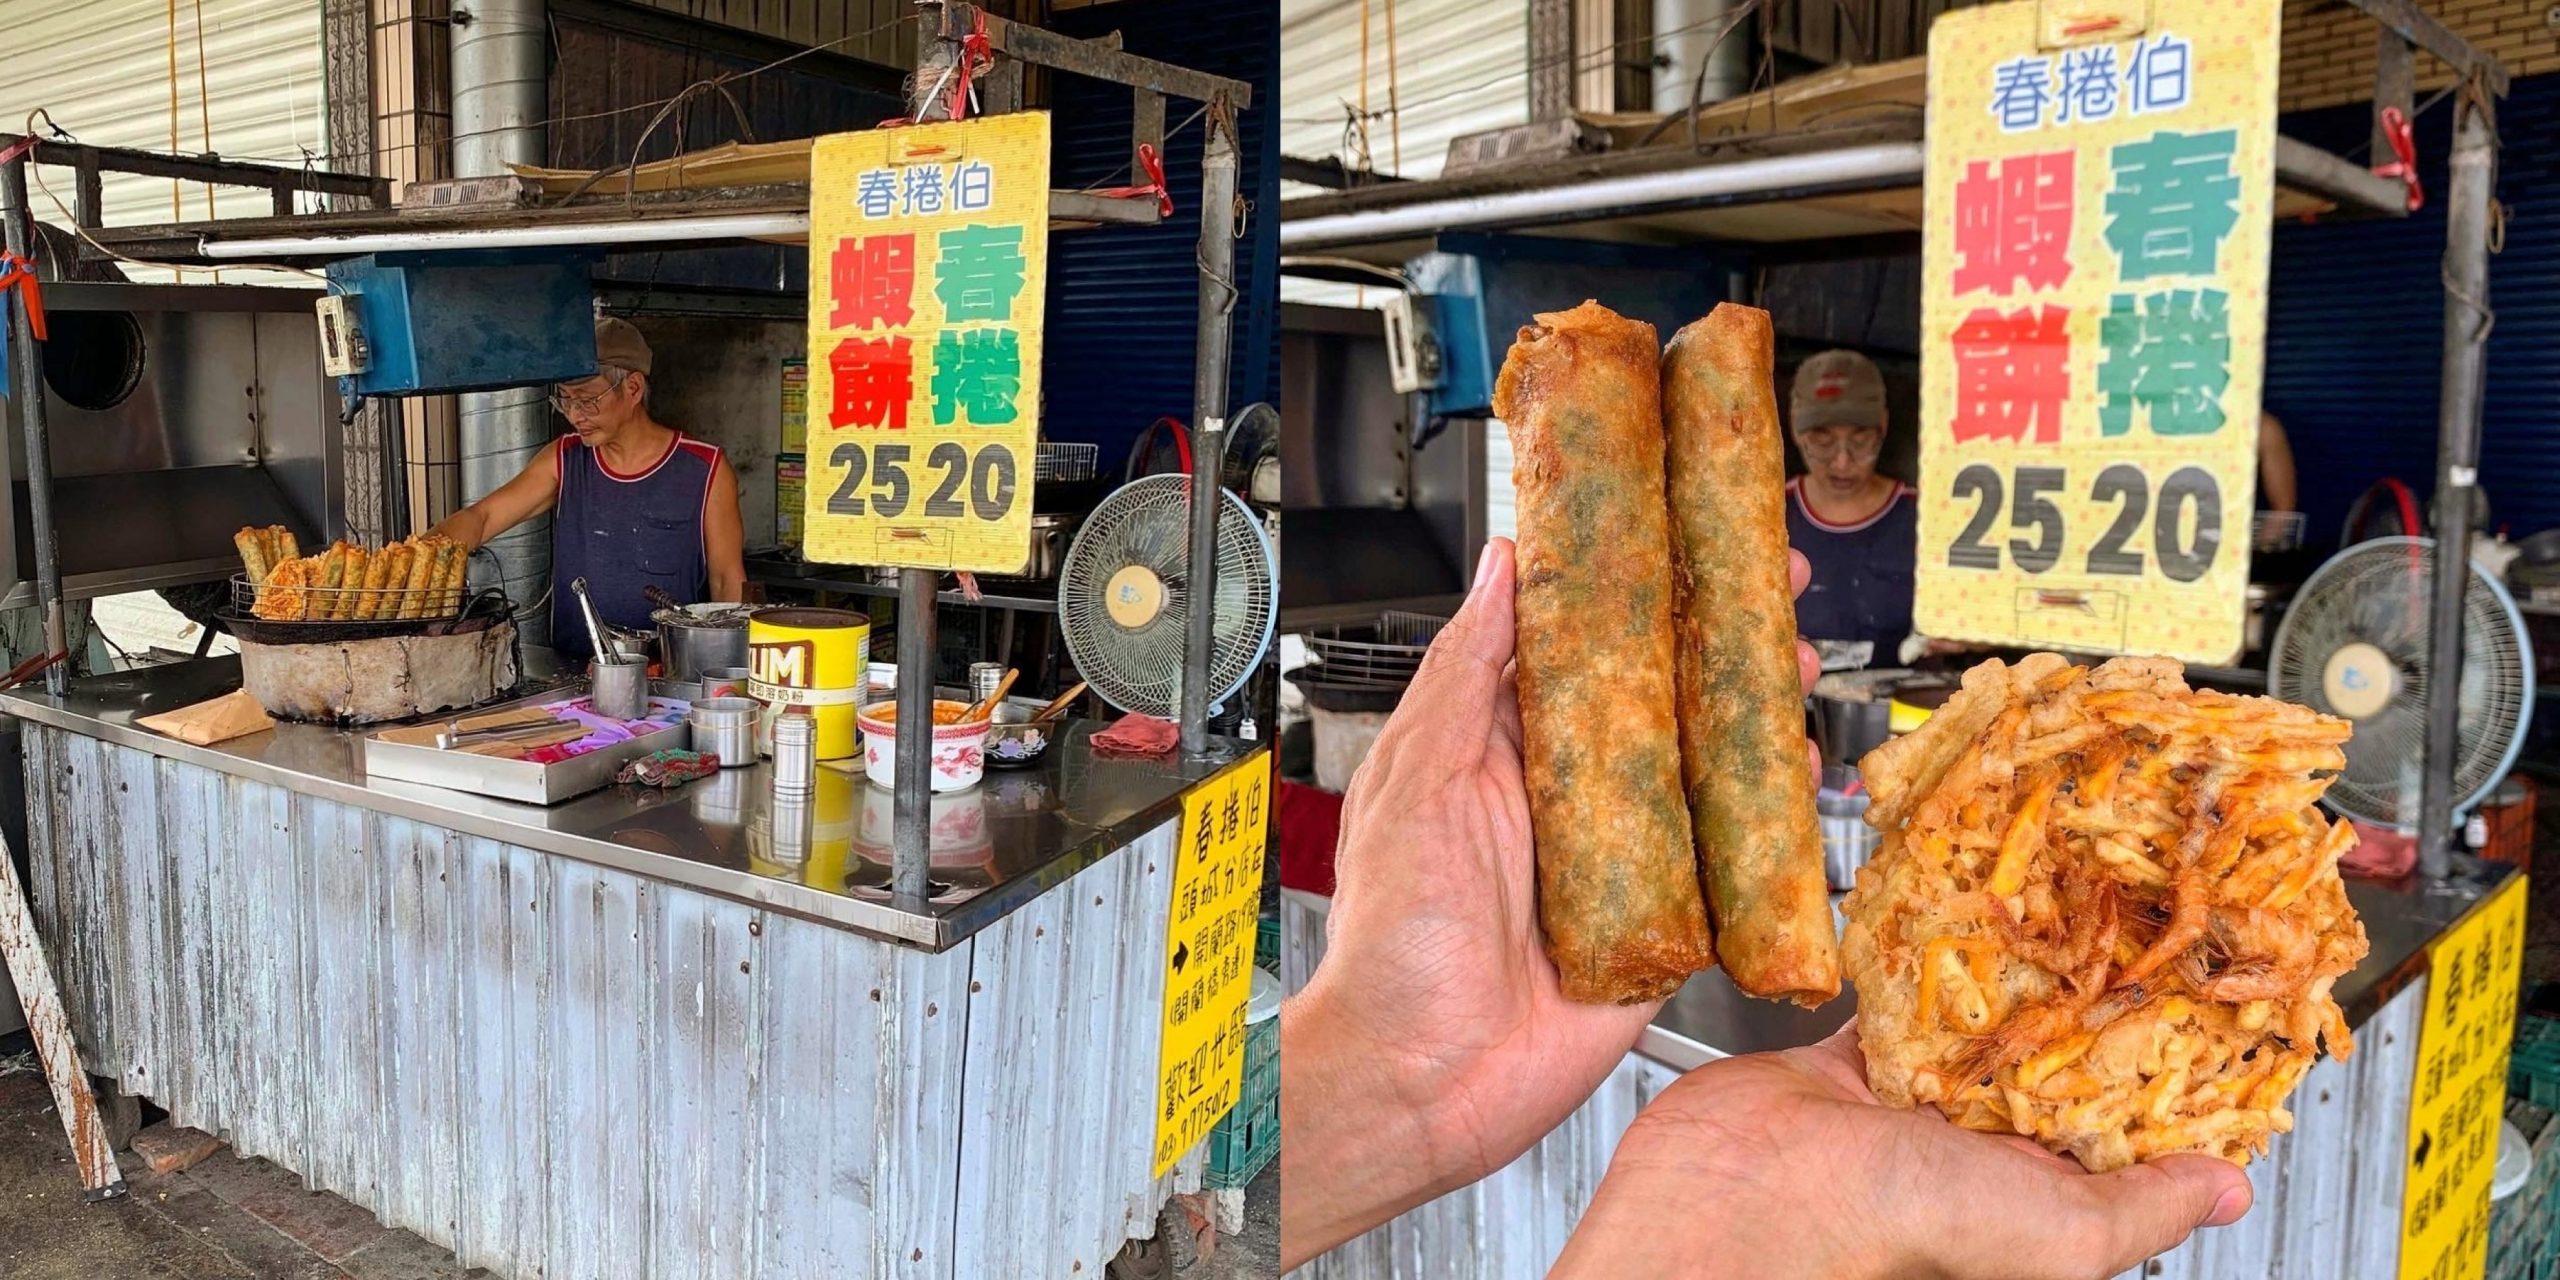 [宜蘭美食] 春捲伯 - 爆炸多汁的春捲還有特別的蝦餅! - 臺北阿青的部落格